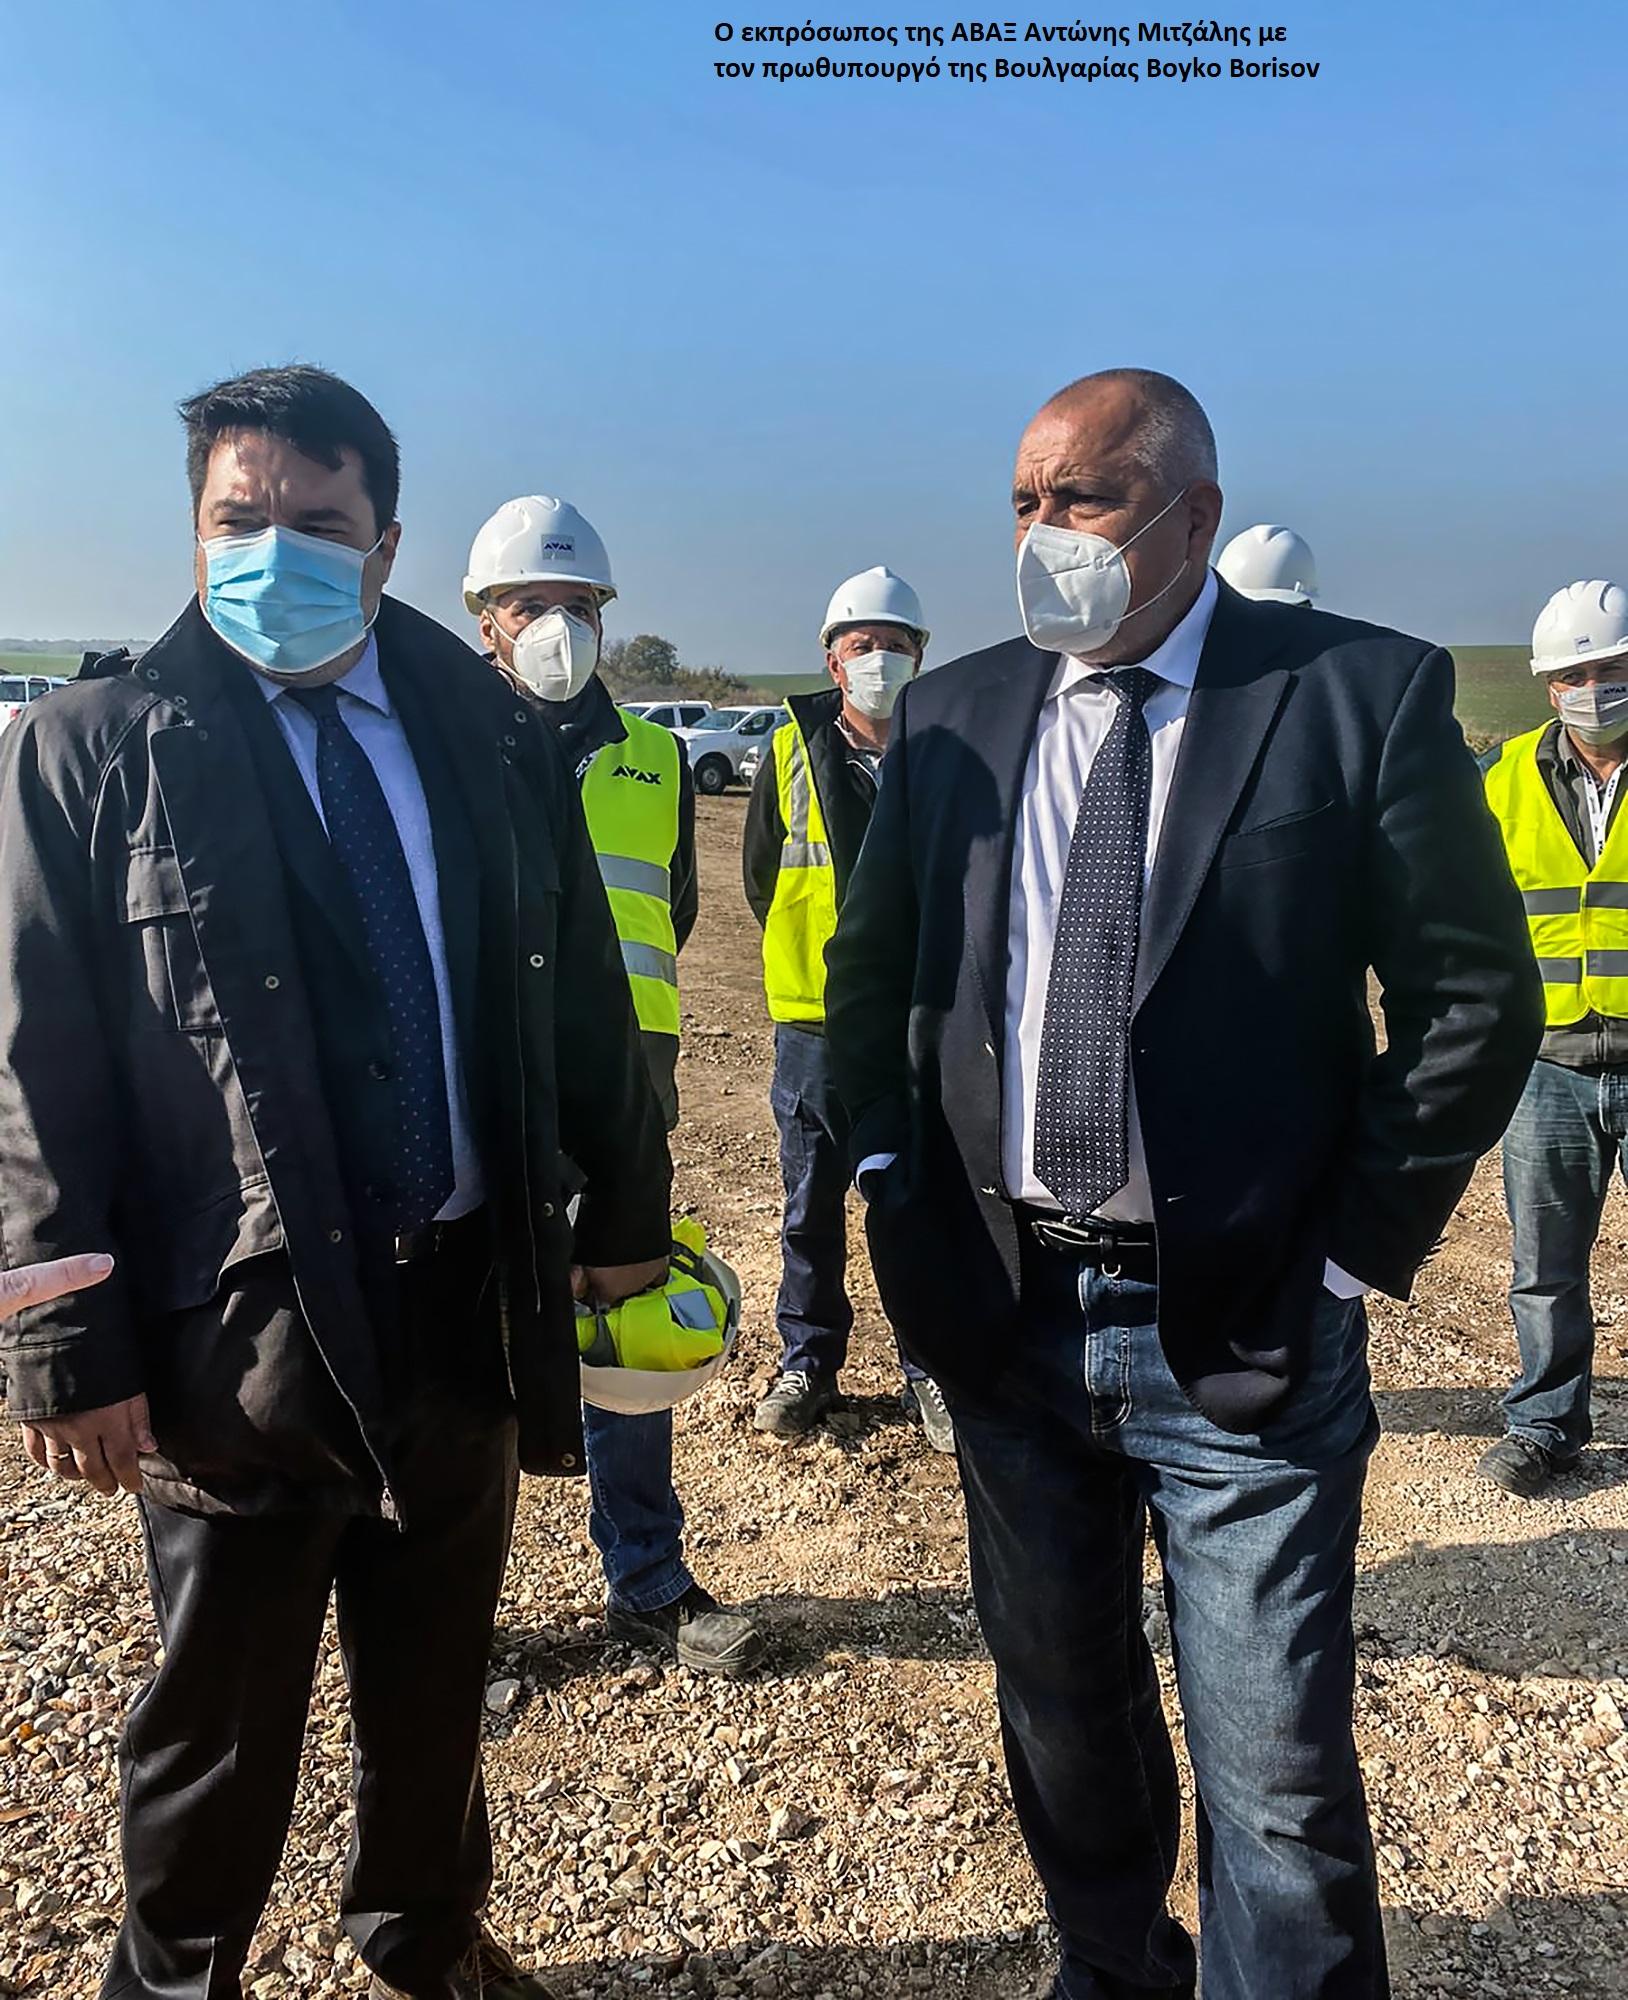 Επίσκεψη του πρωθυπουργού της Βουλγαρίας στο εργοτάξιο του Διασυνδετήριου Αγωγού Φυσικού Αερίου Ελλάδα – Βουλγαρία (IGB)